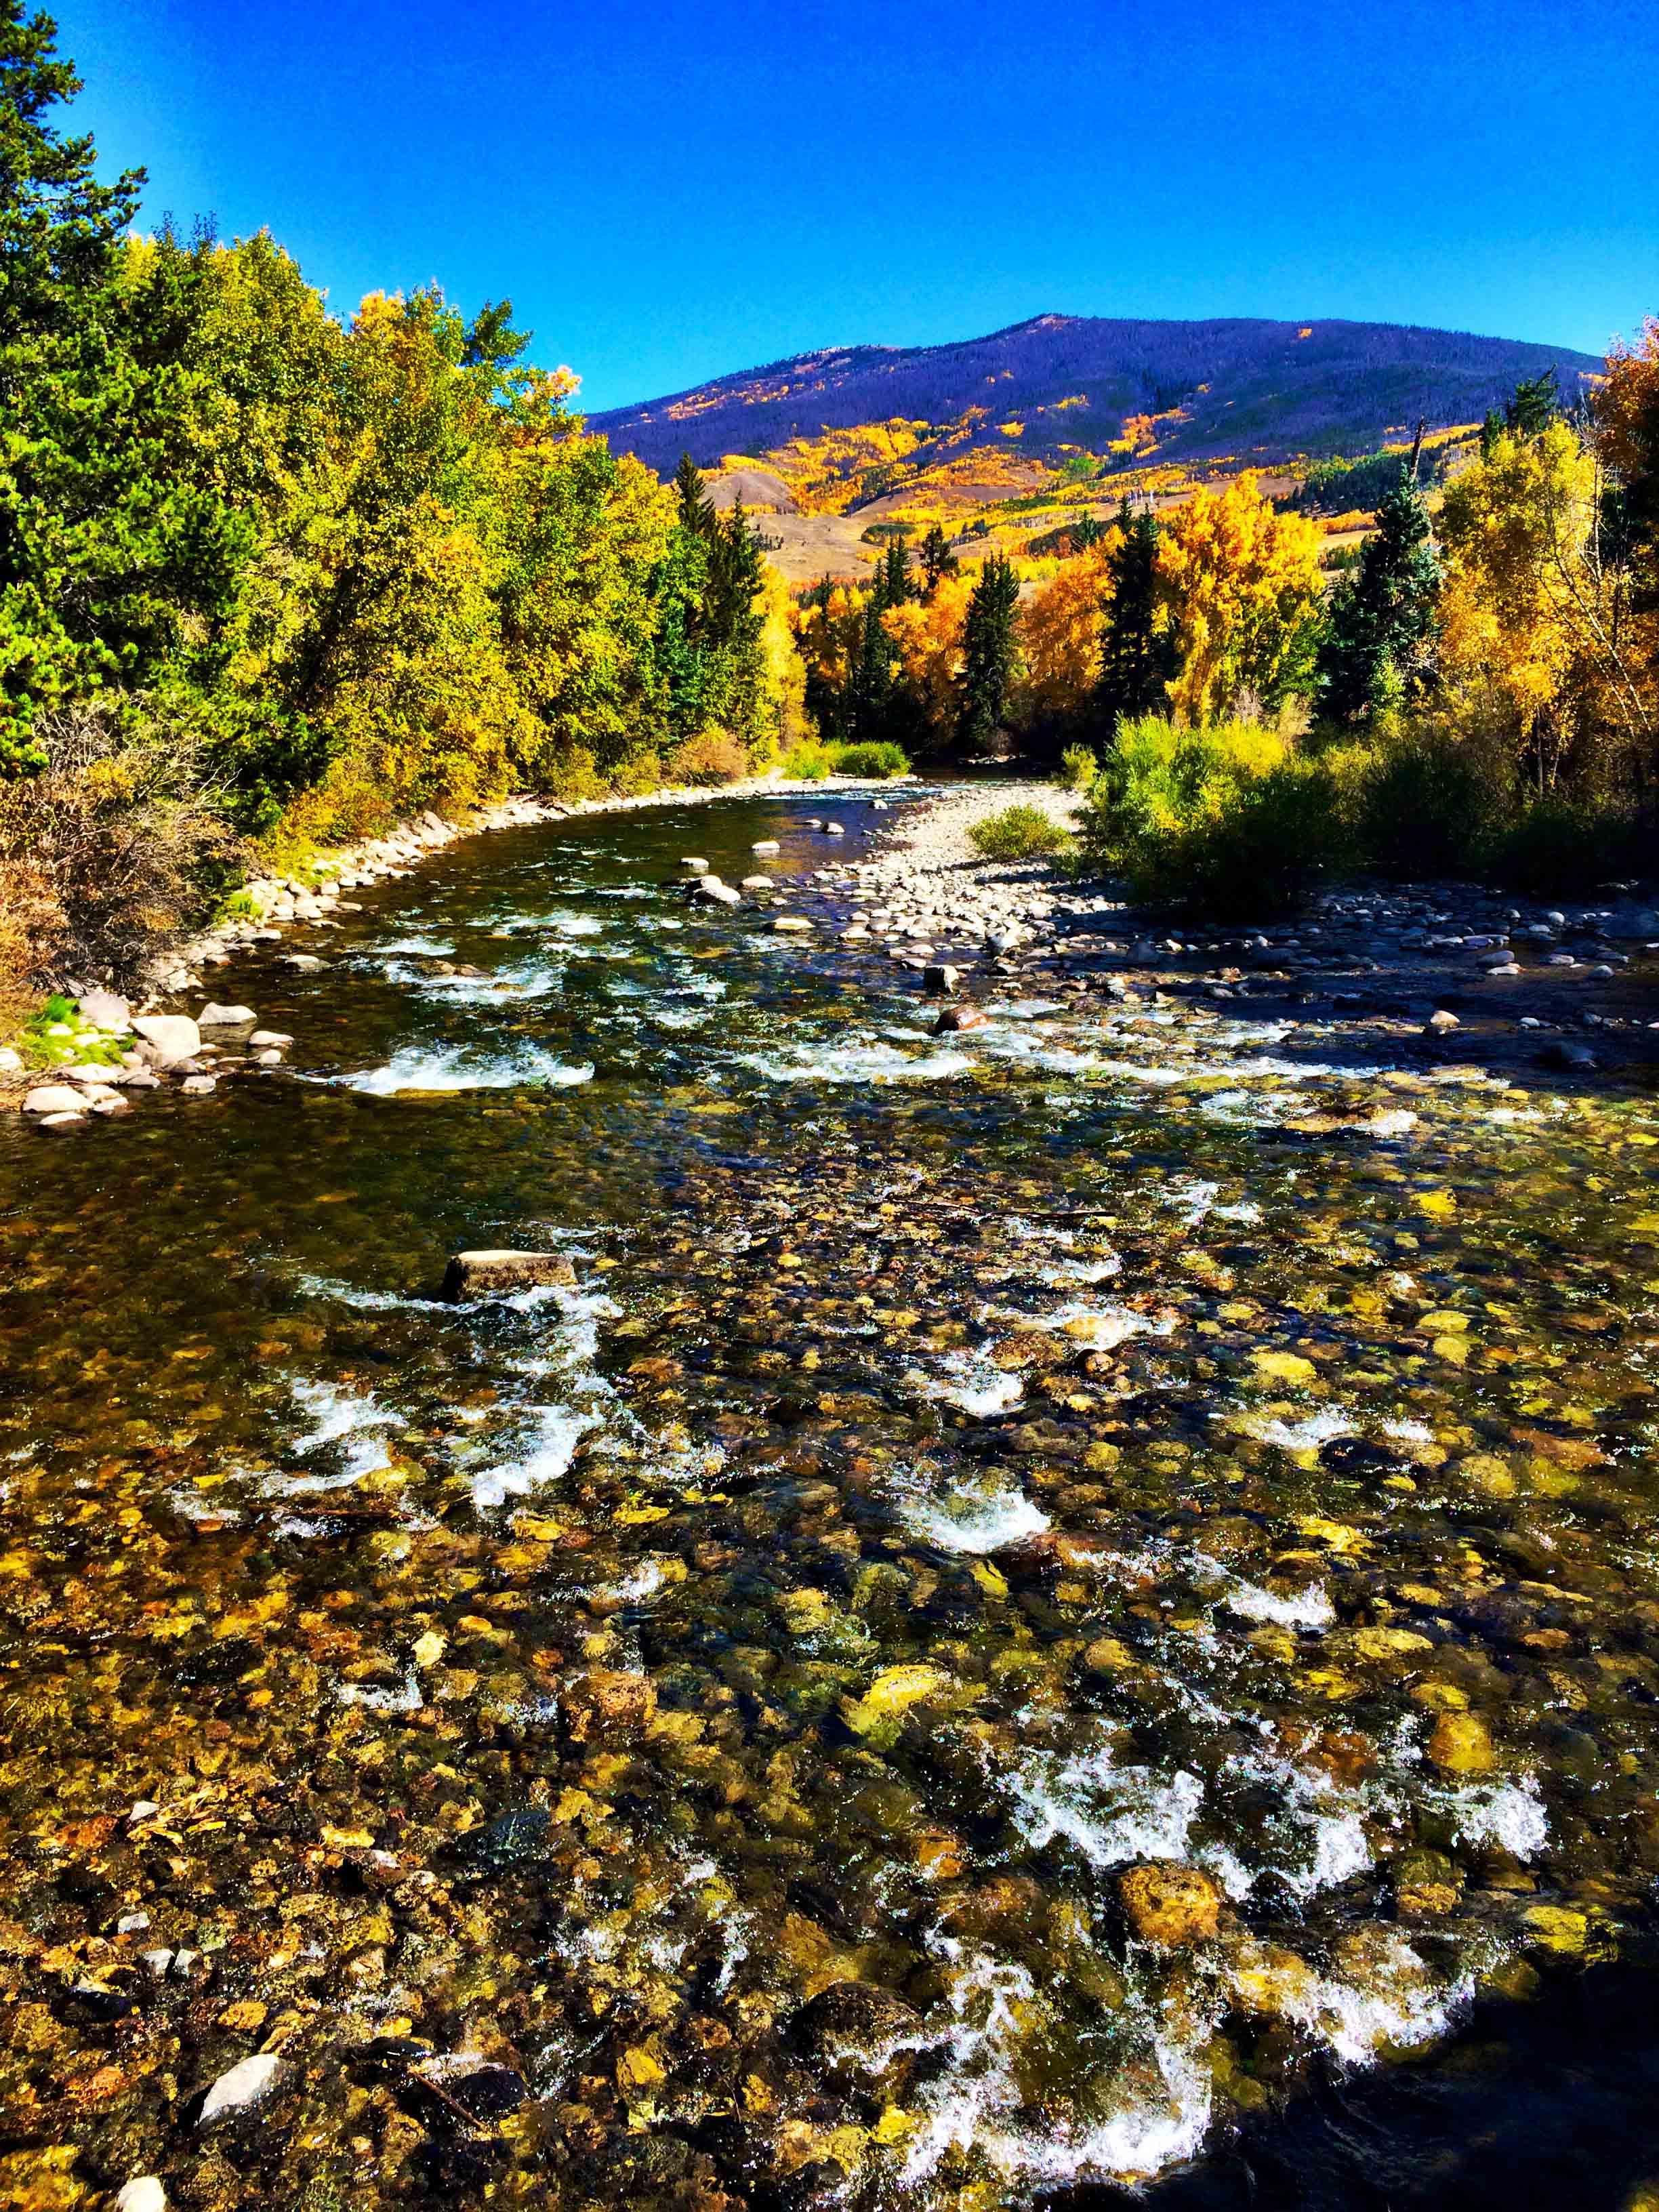 Silverthorne, Colorado, September 2015